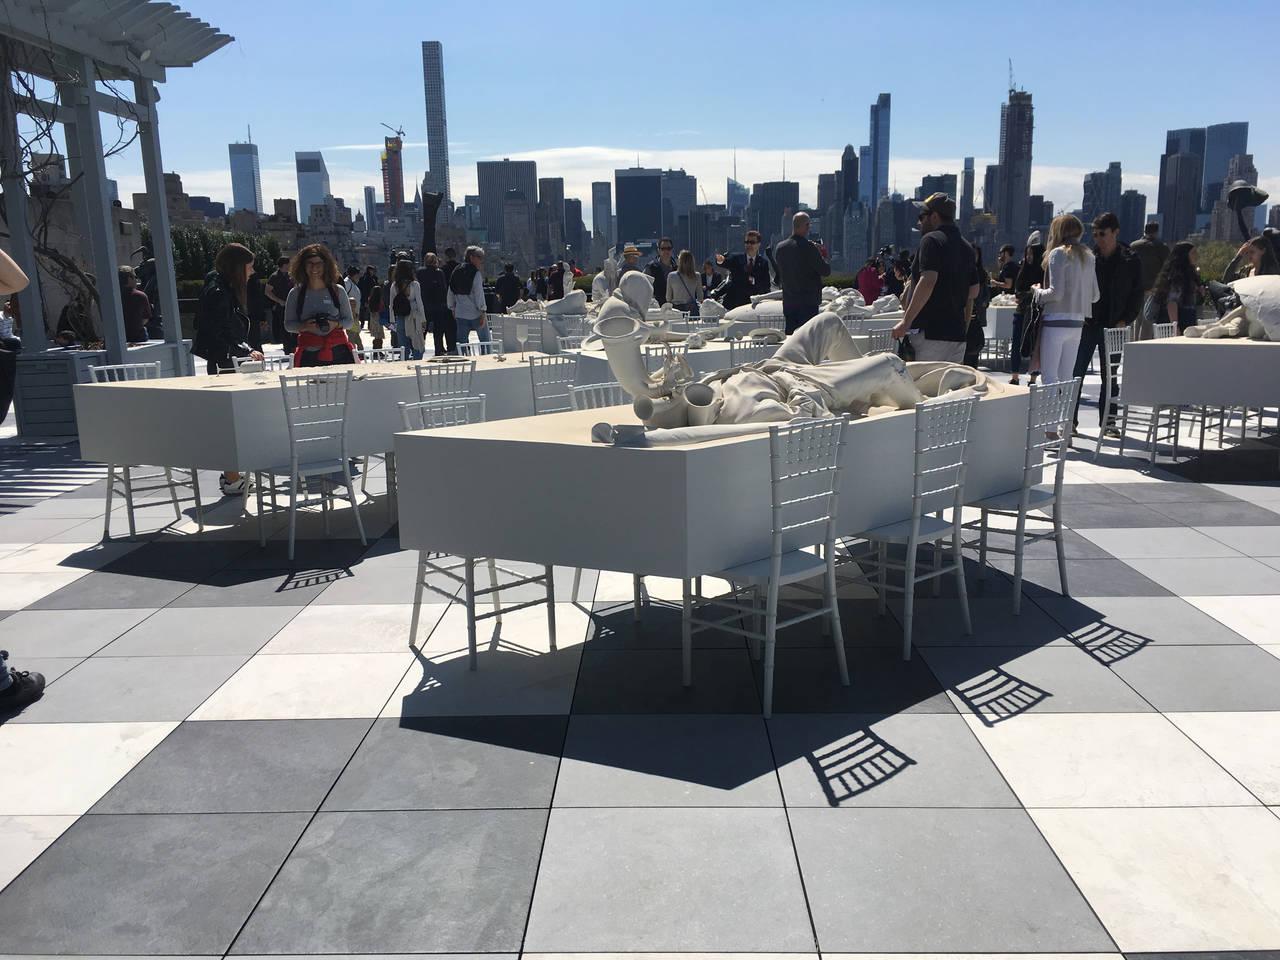 Del Conca_MET New York Roof Garden_collezione due2_0987